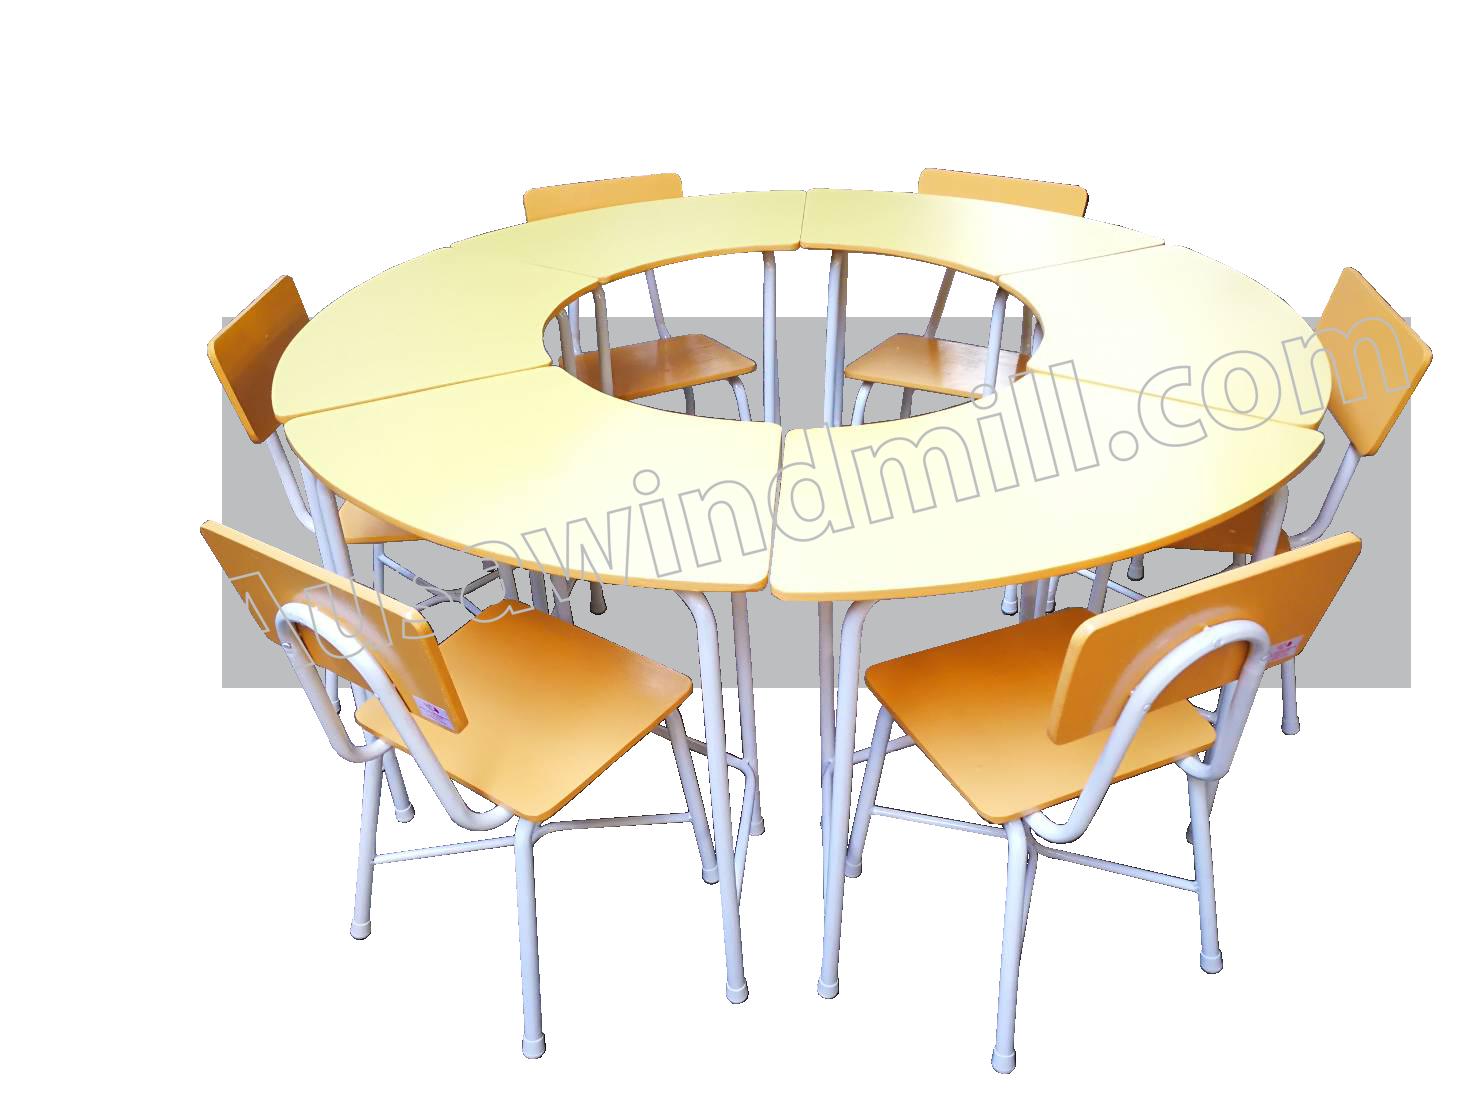 ชุดโต๊ะเก้าอี้นักเรียนหมู่ทรงโดนัท